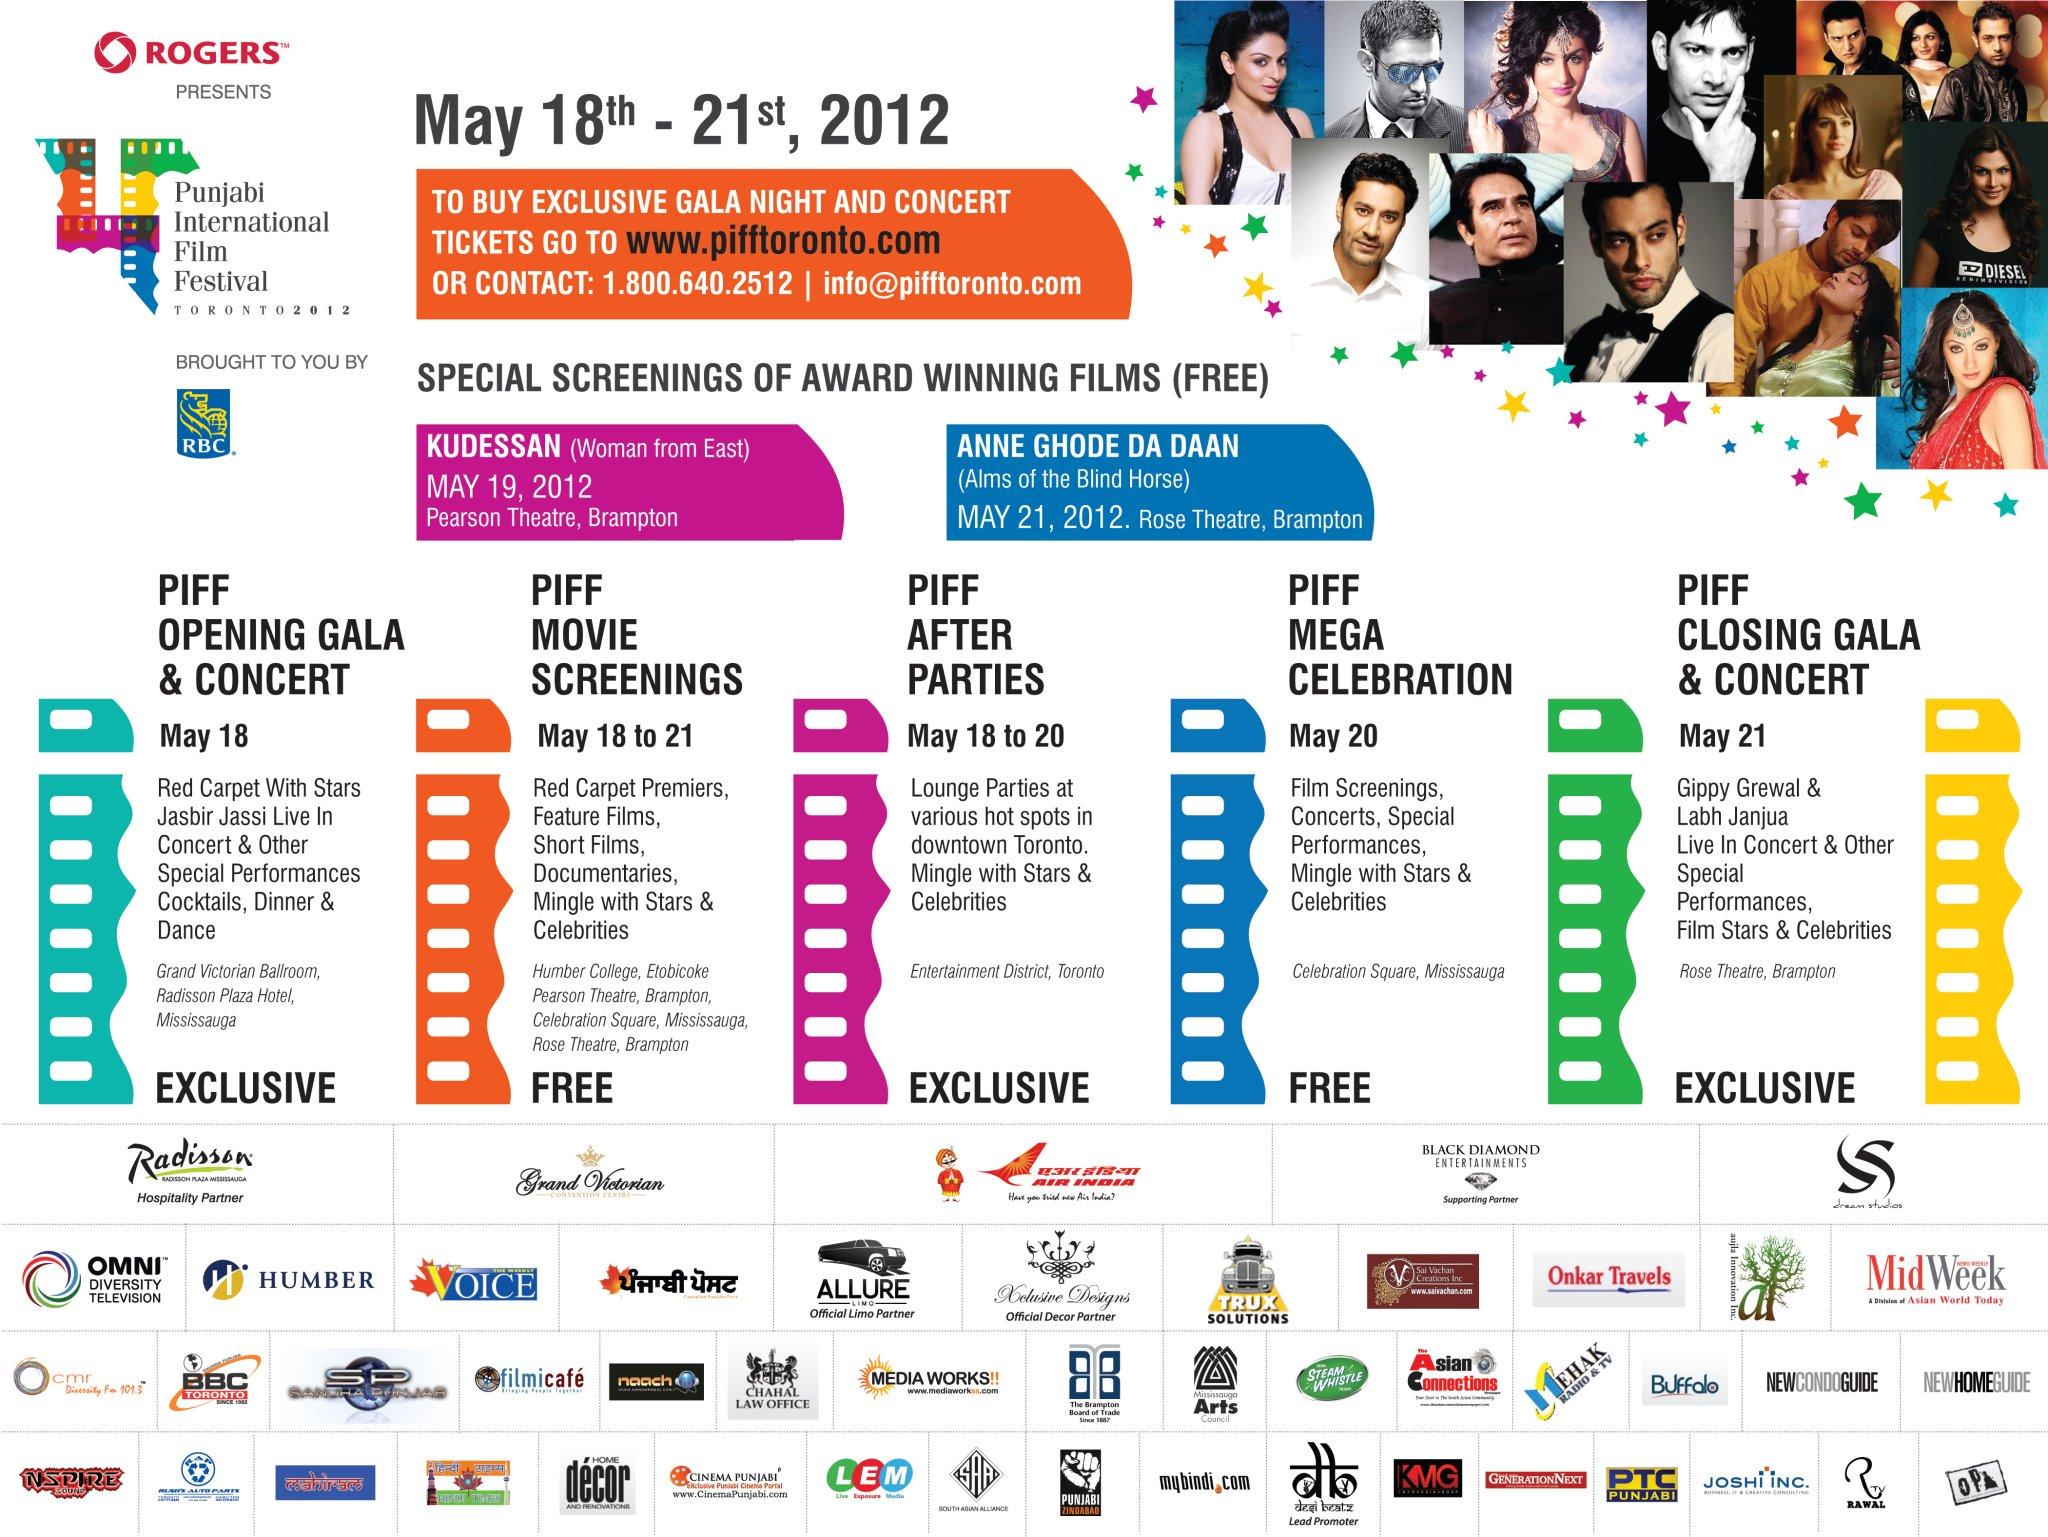 PIFF Sponsors & Schedule 2012